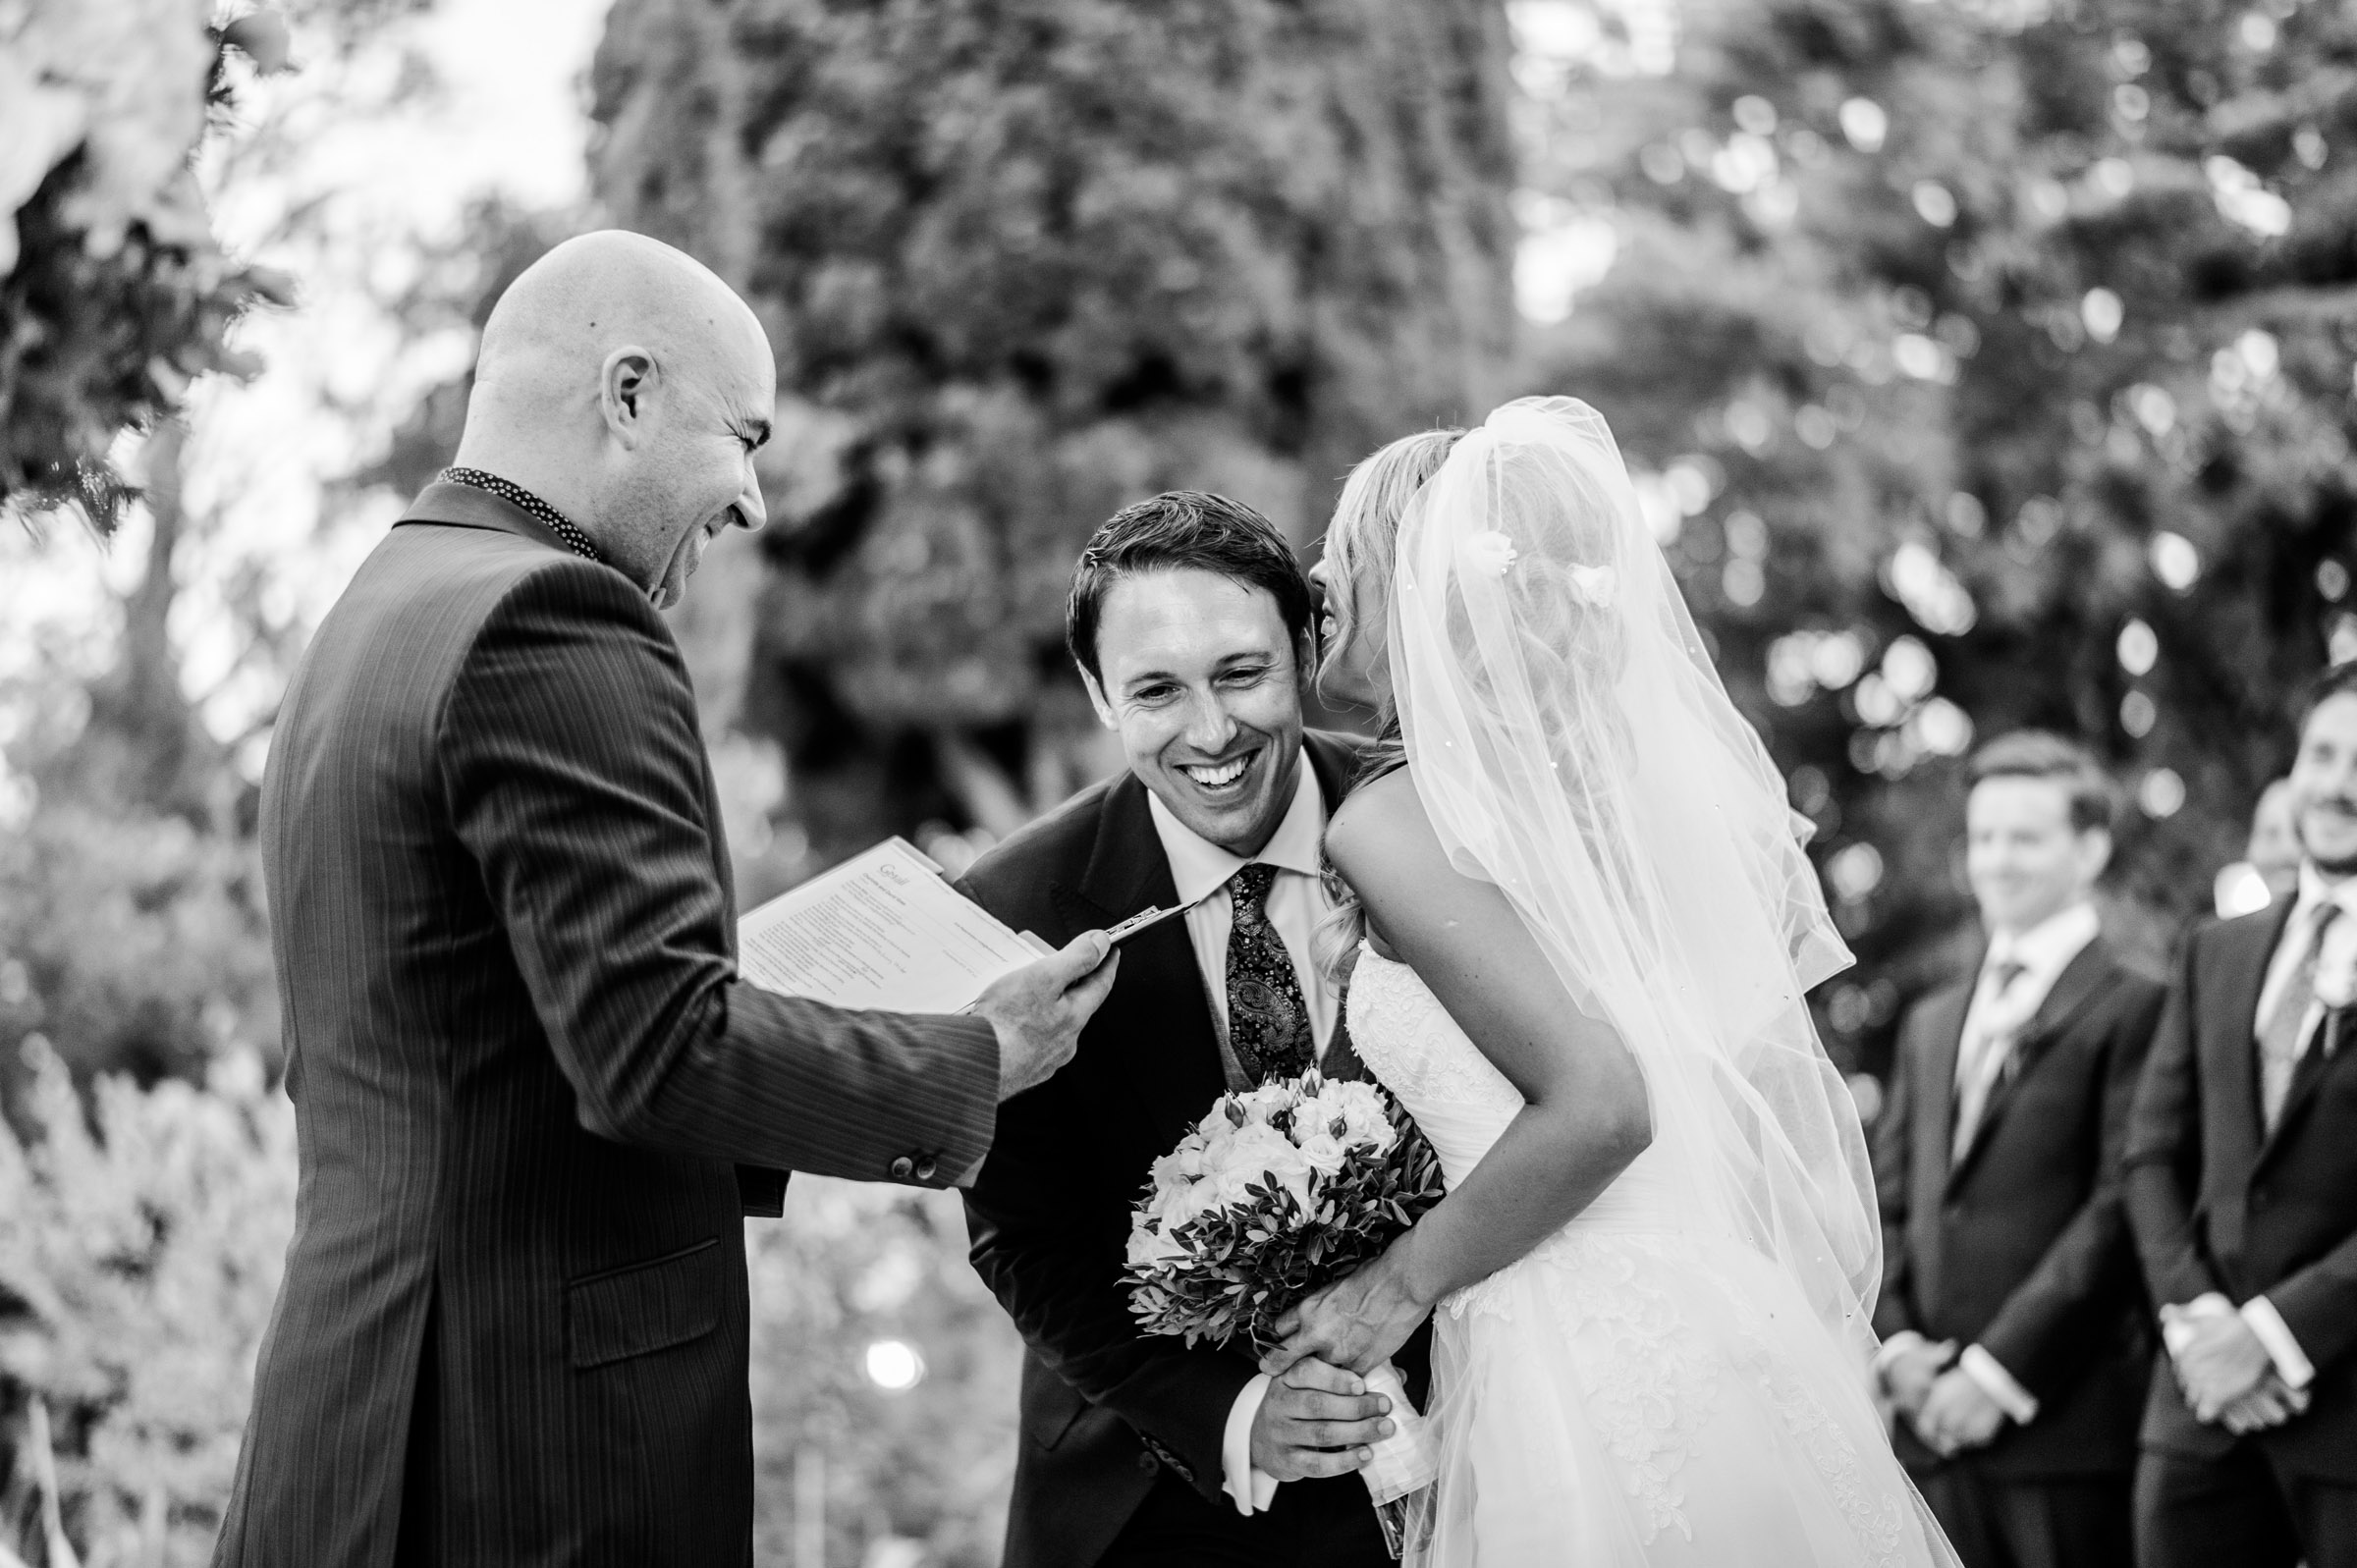 Corfu-Wedding-Photography-0044.jpg